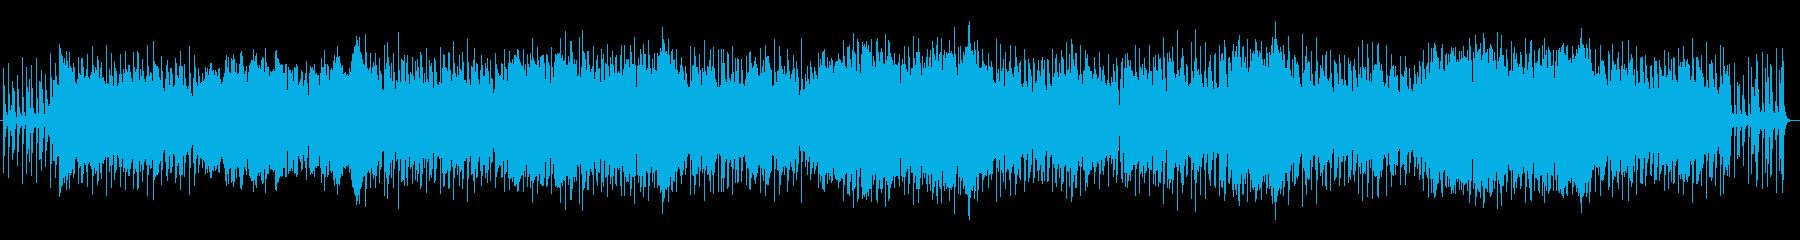 ゆったりとした癒しサウンドですの再生済みの波形